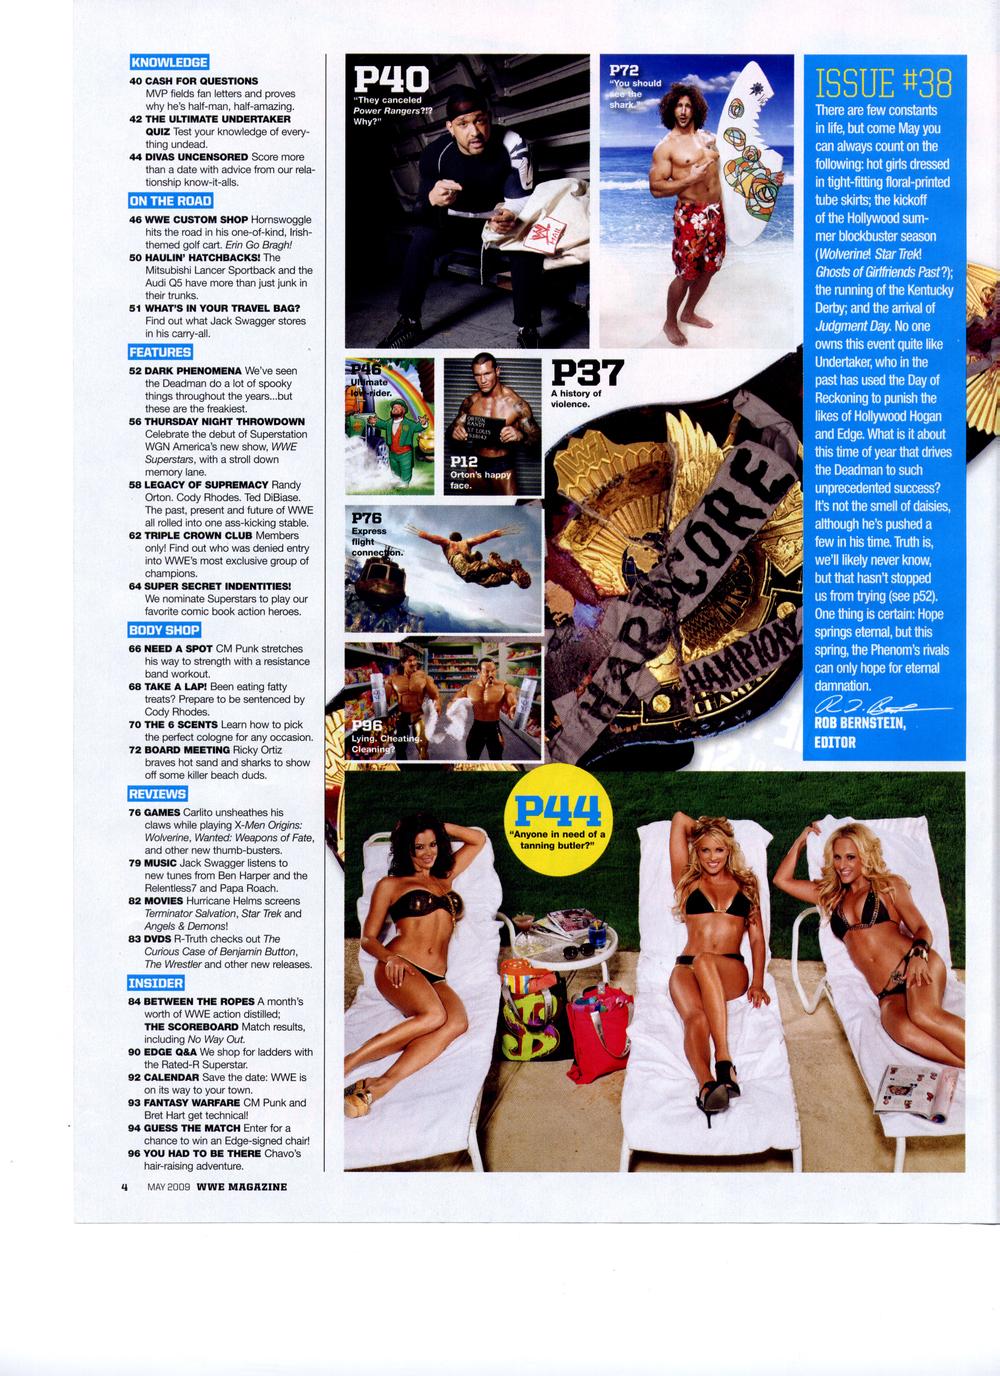 WWF_10.jpg